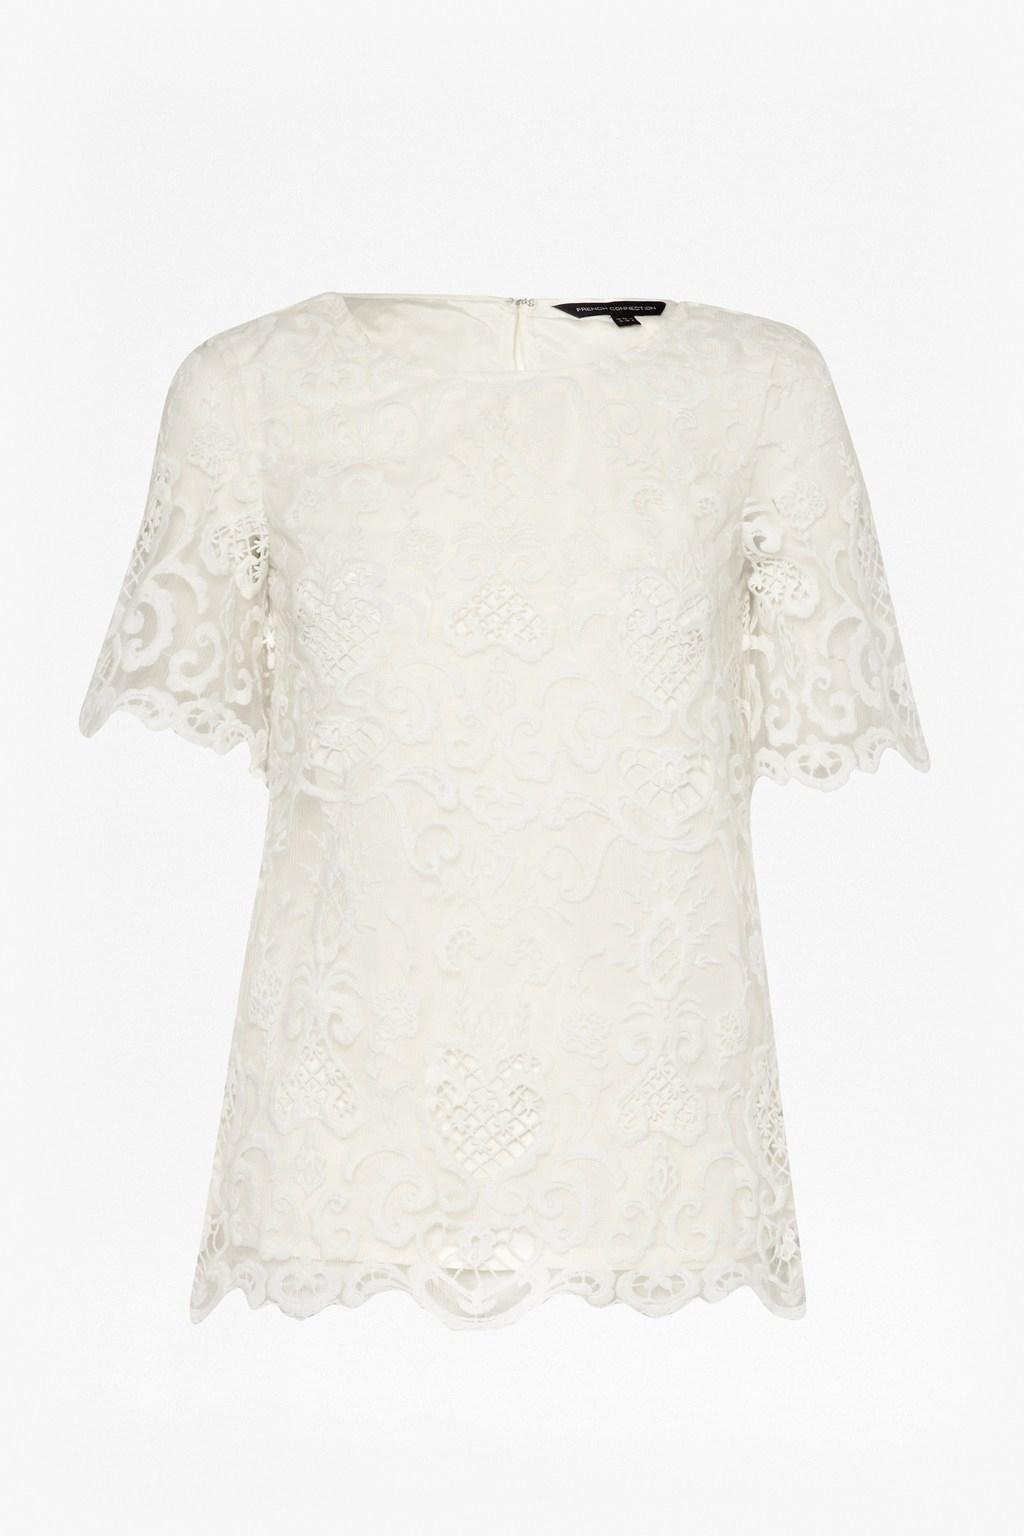 0e61de5e2e French Connection Nebraska Lace Tunic Top in White - Lyst